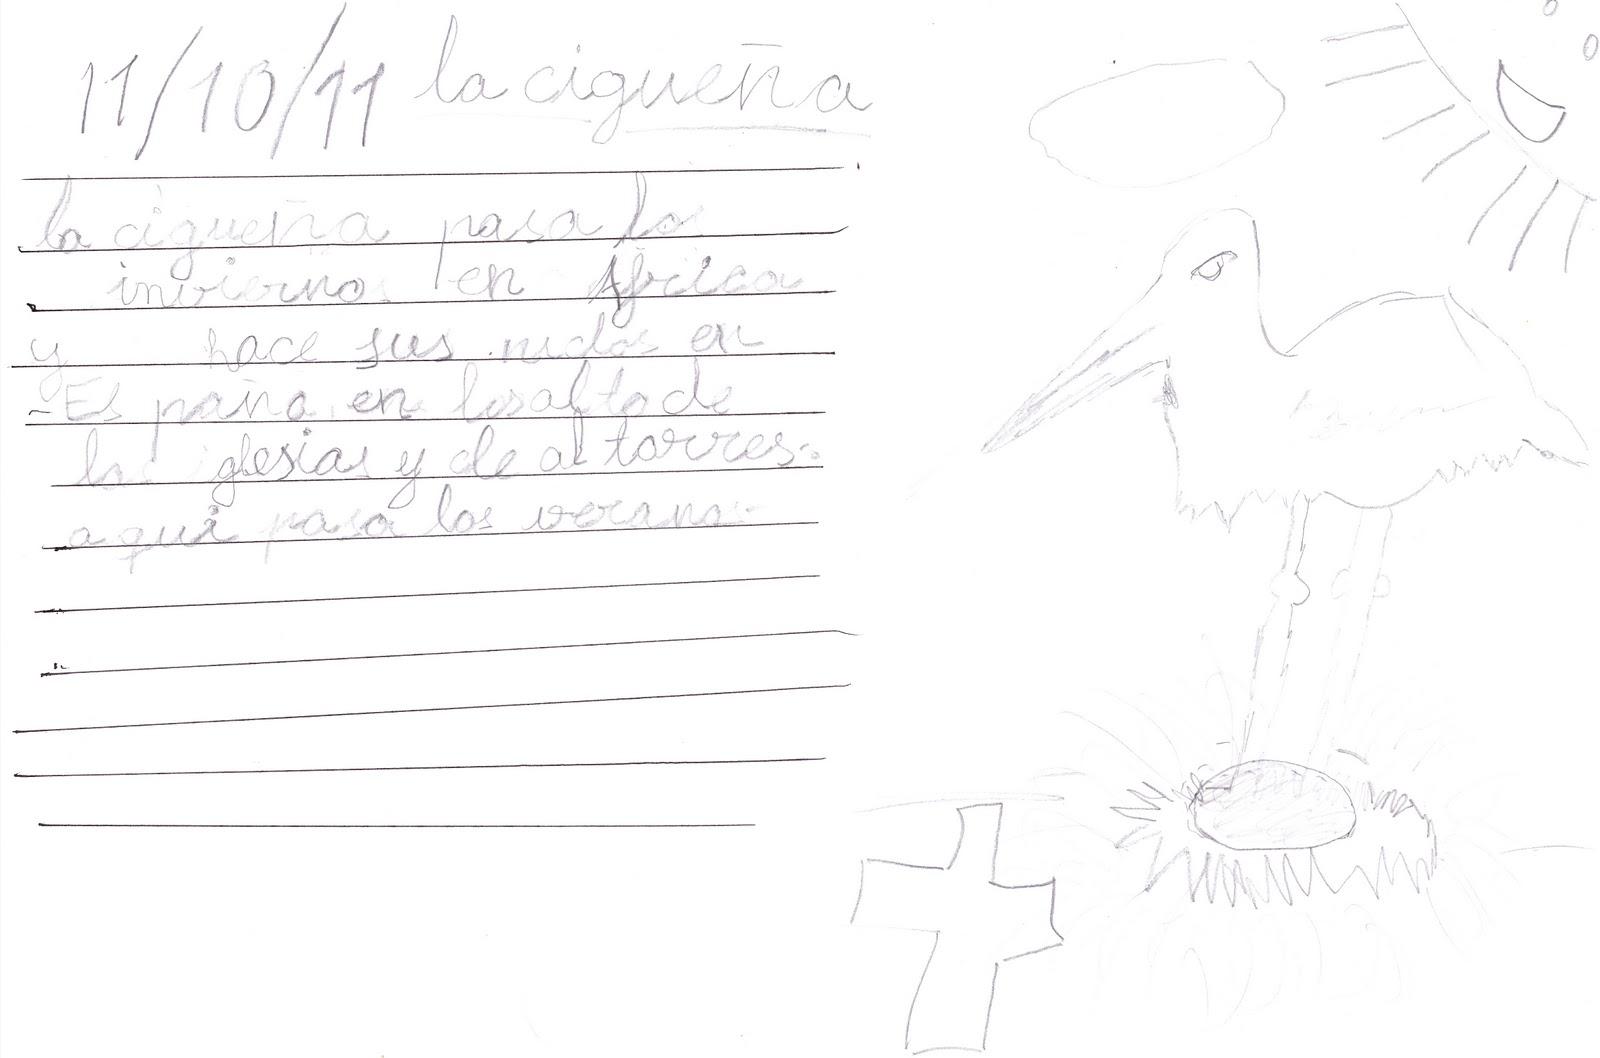 Ceip El Zargal Second Grade Las Ciguenas Inmaculada